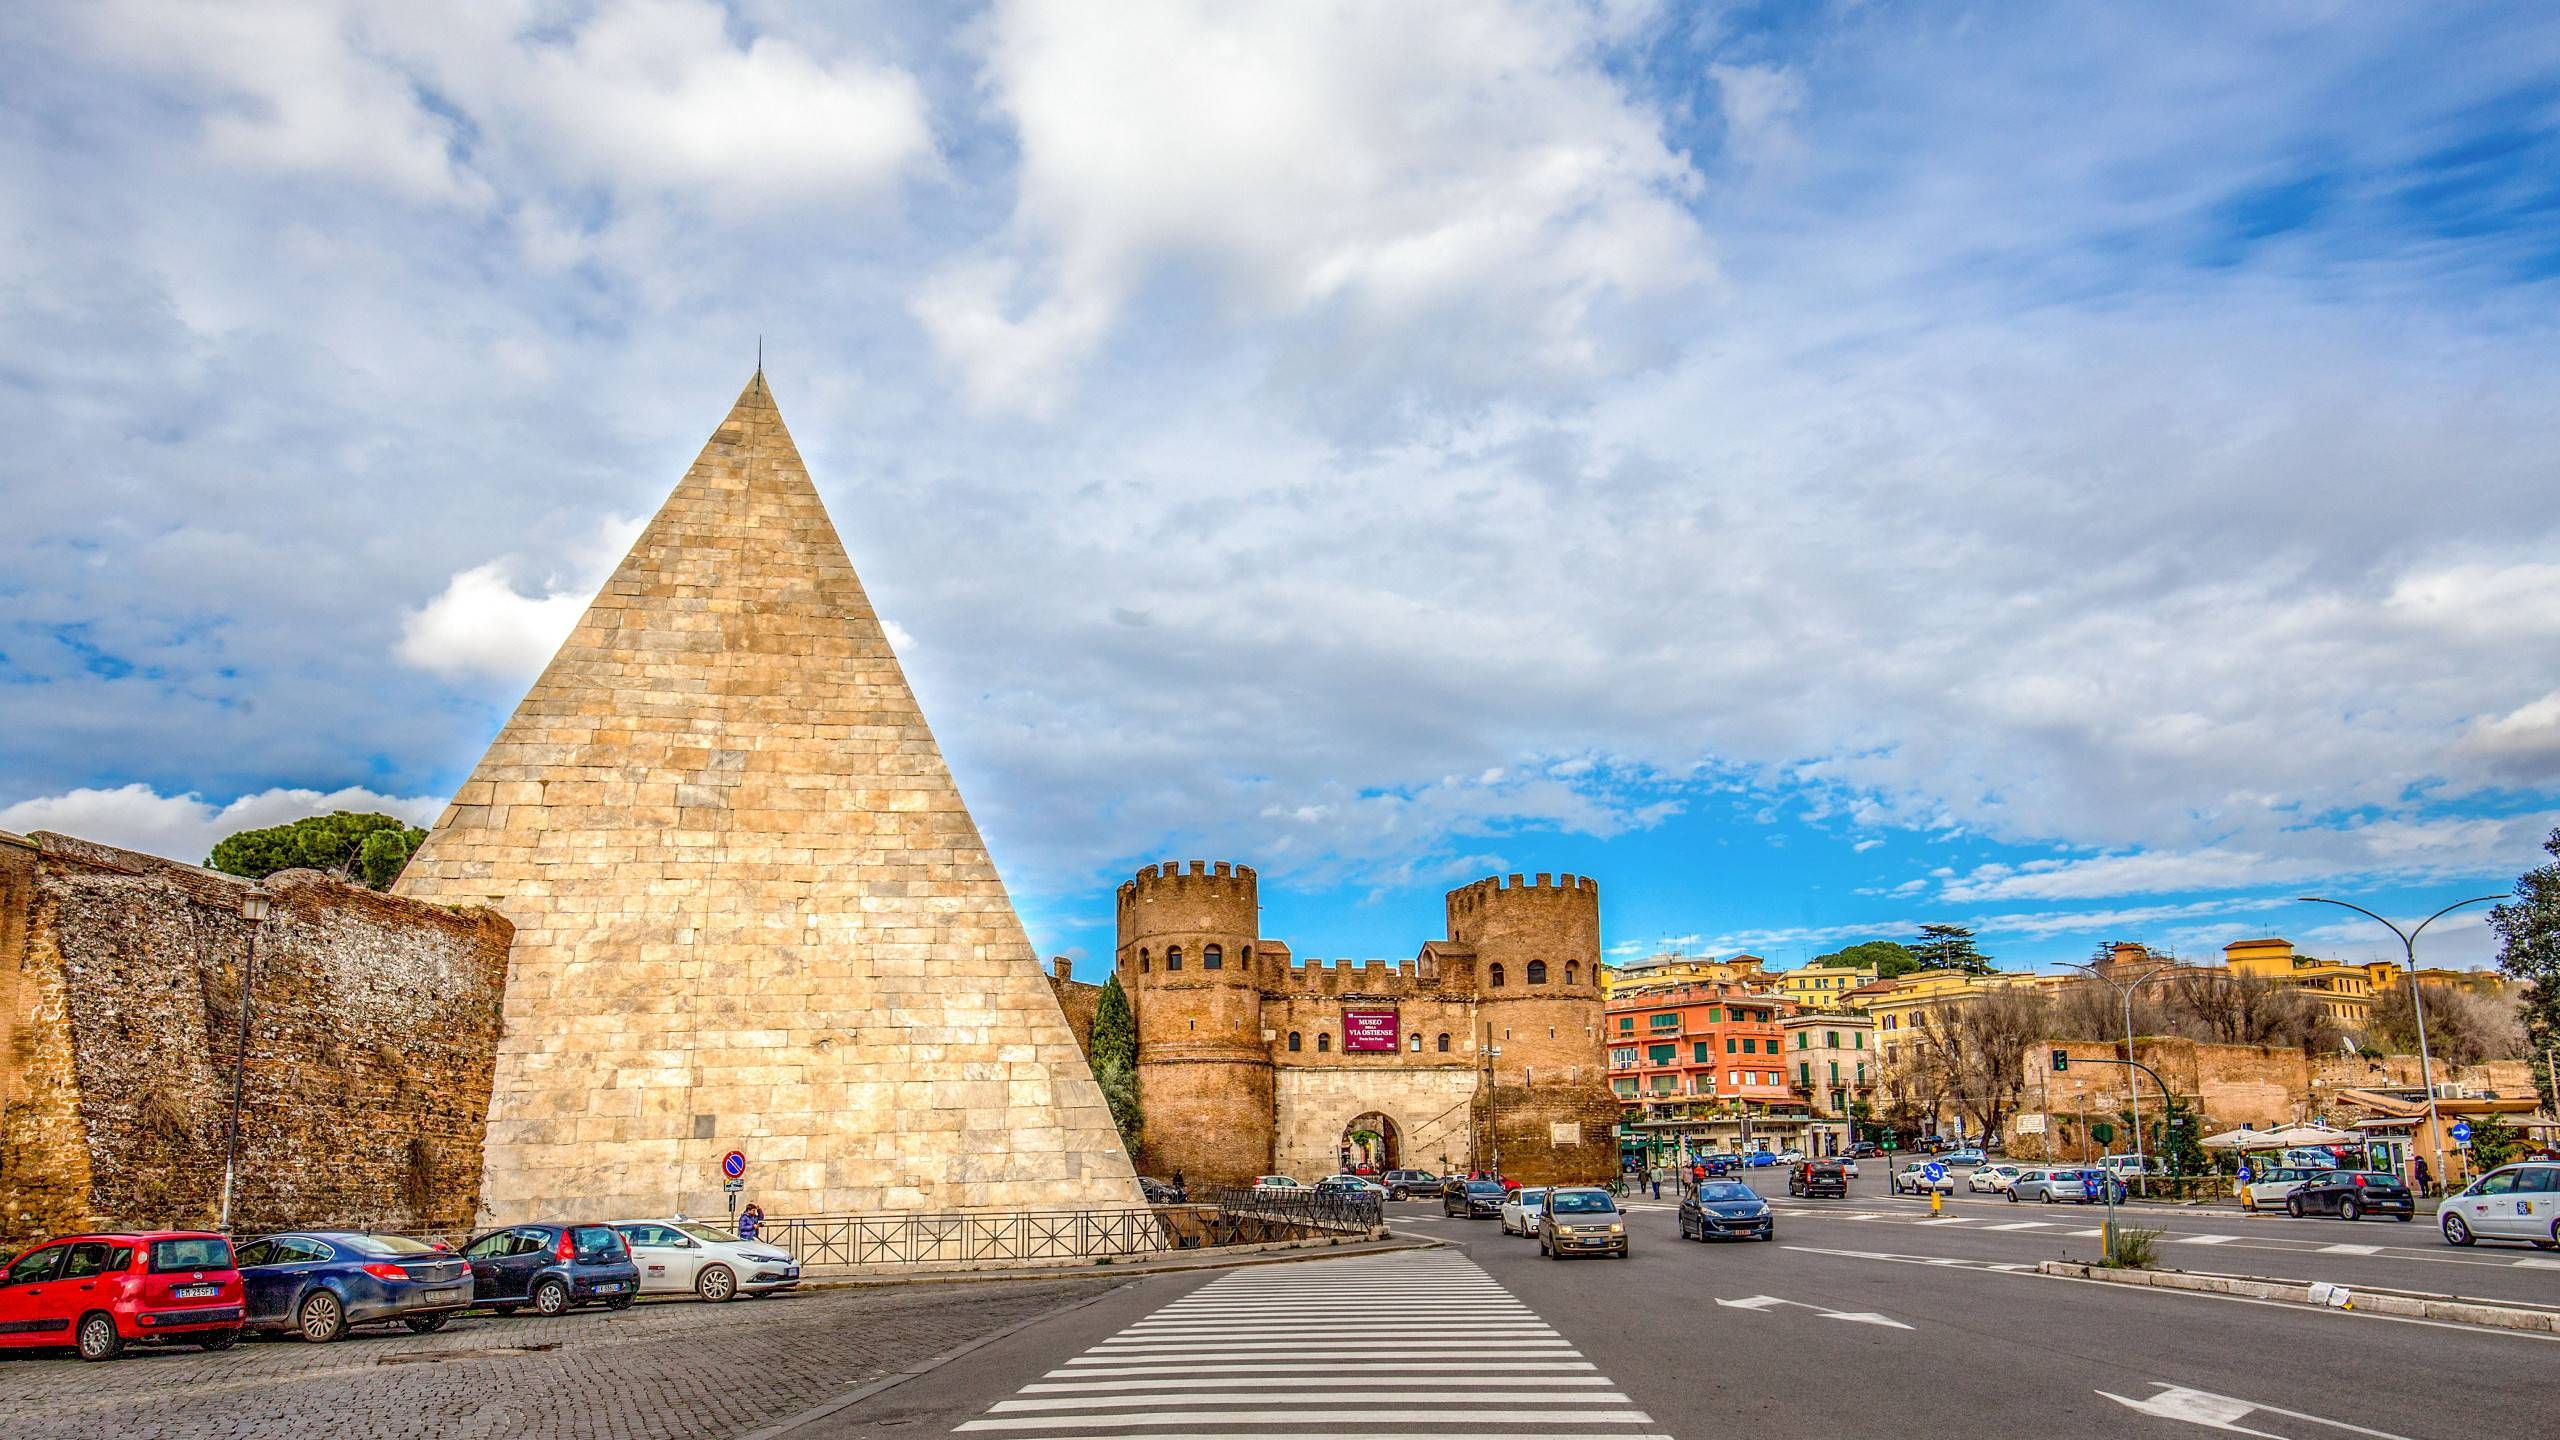 Sweet-Home-Piramide-Rome-0658